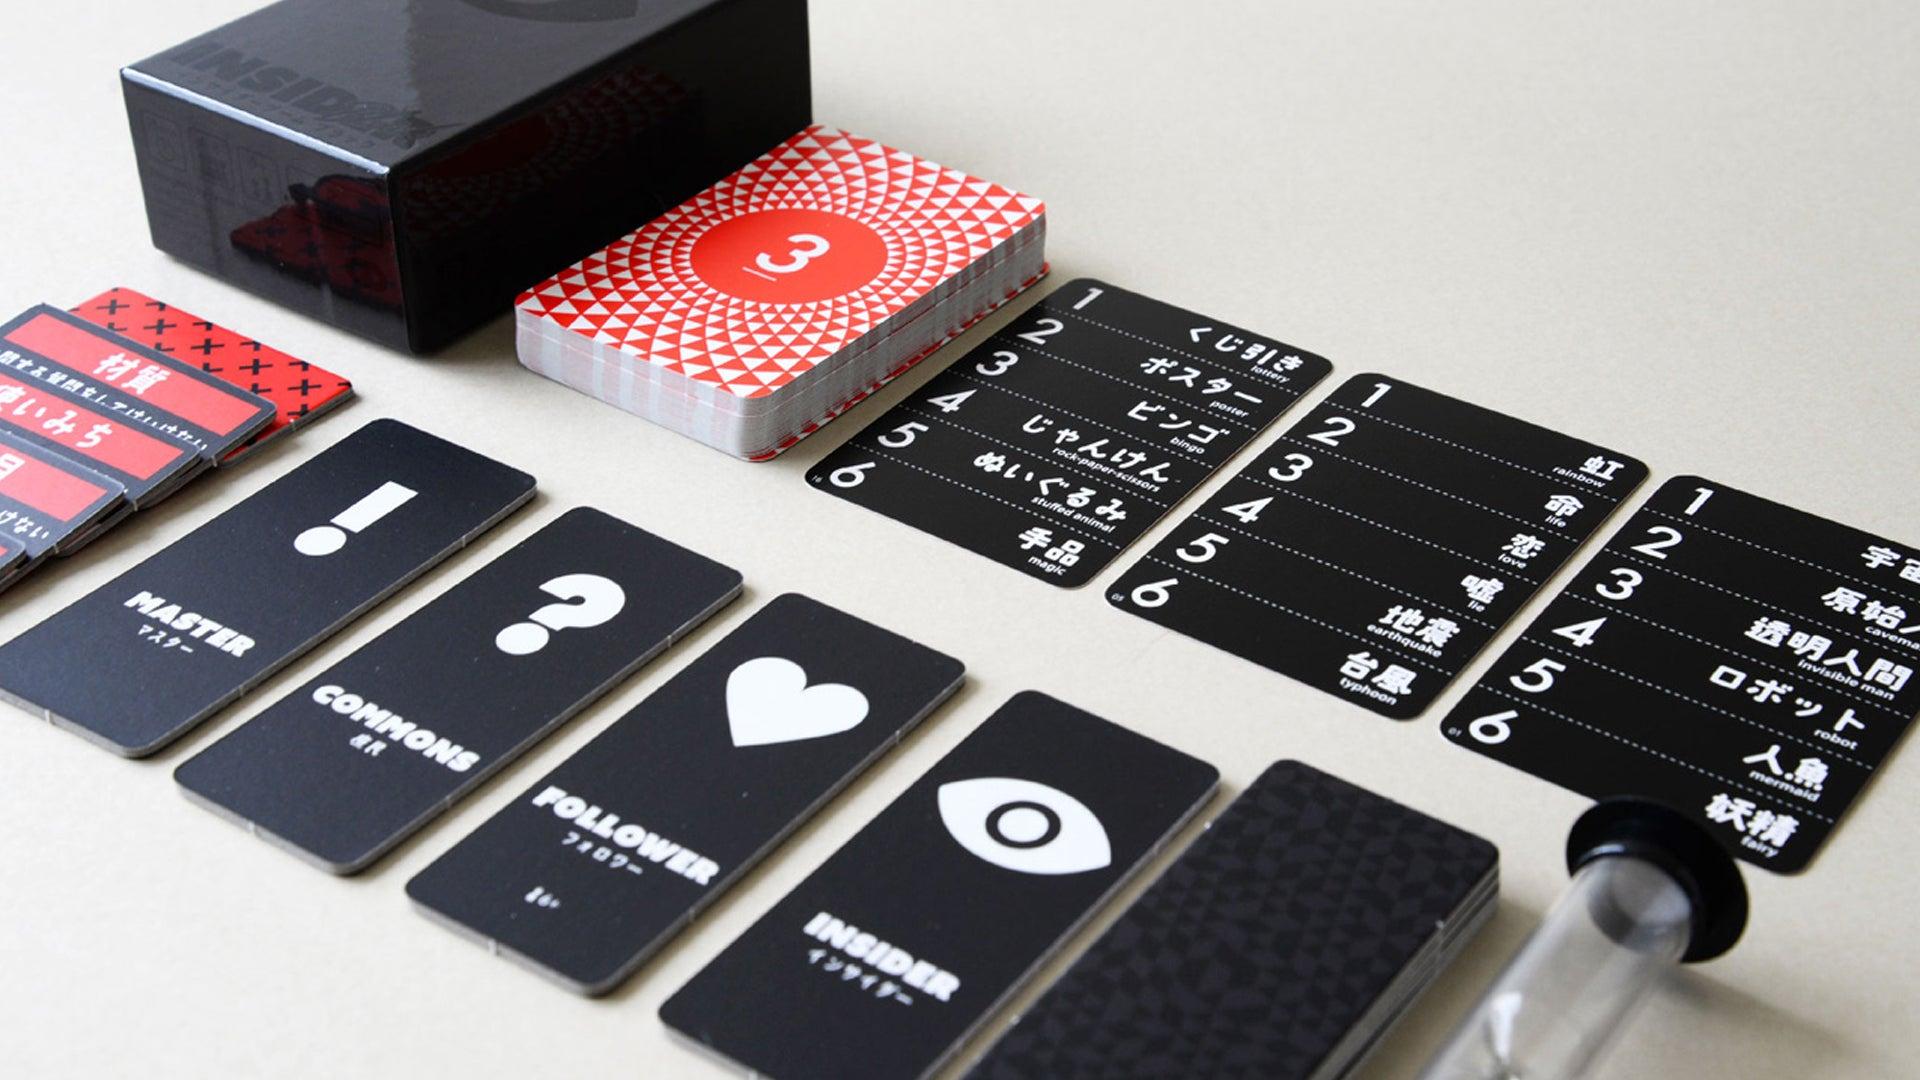 insider-black-board-game-components.jpg